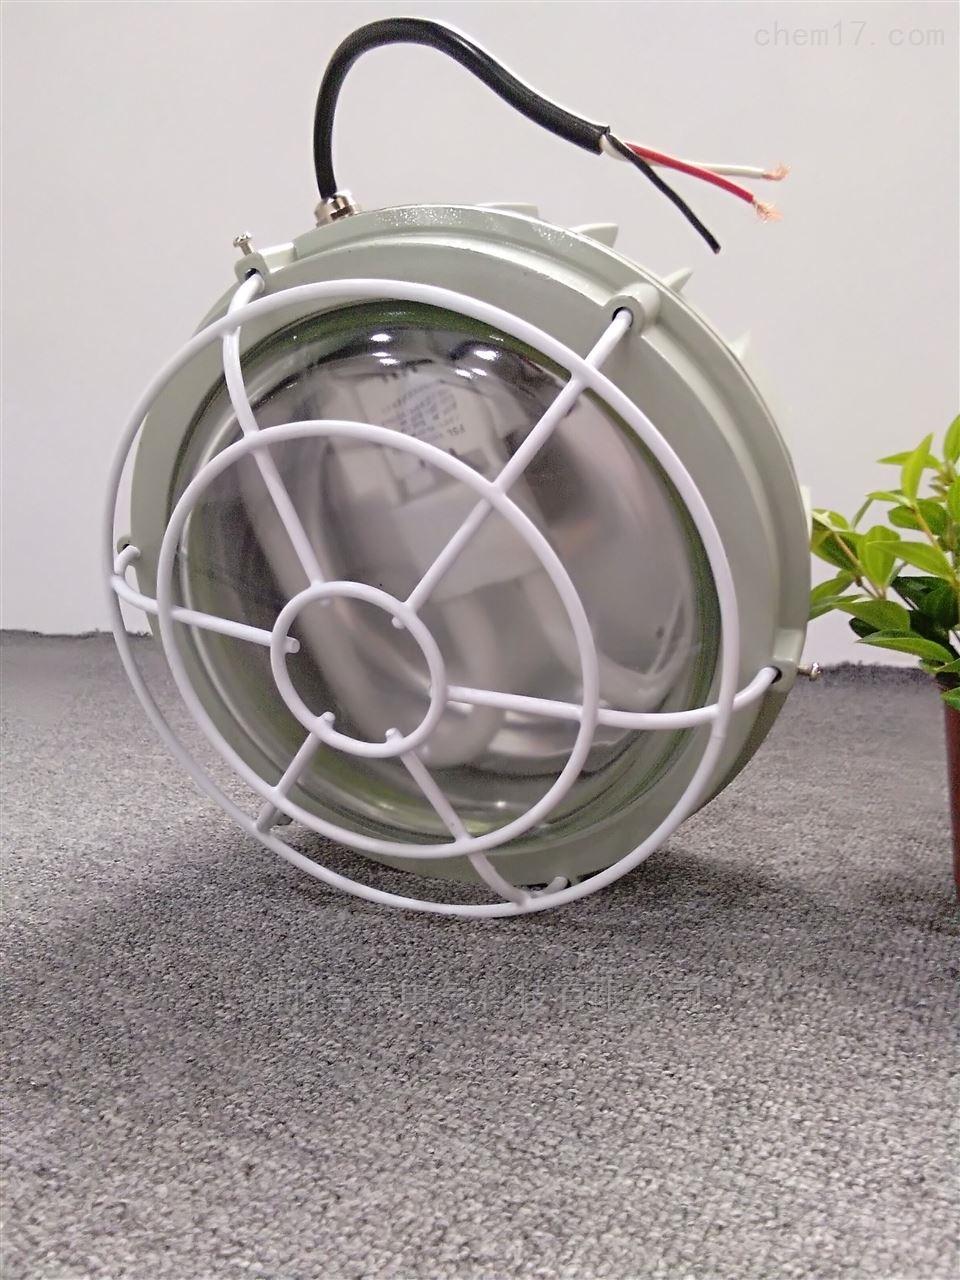 BAY54一体式蓄电池固定照明防爆防腐荧光灯